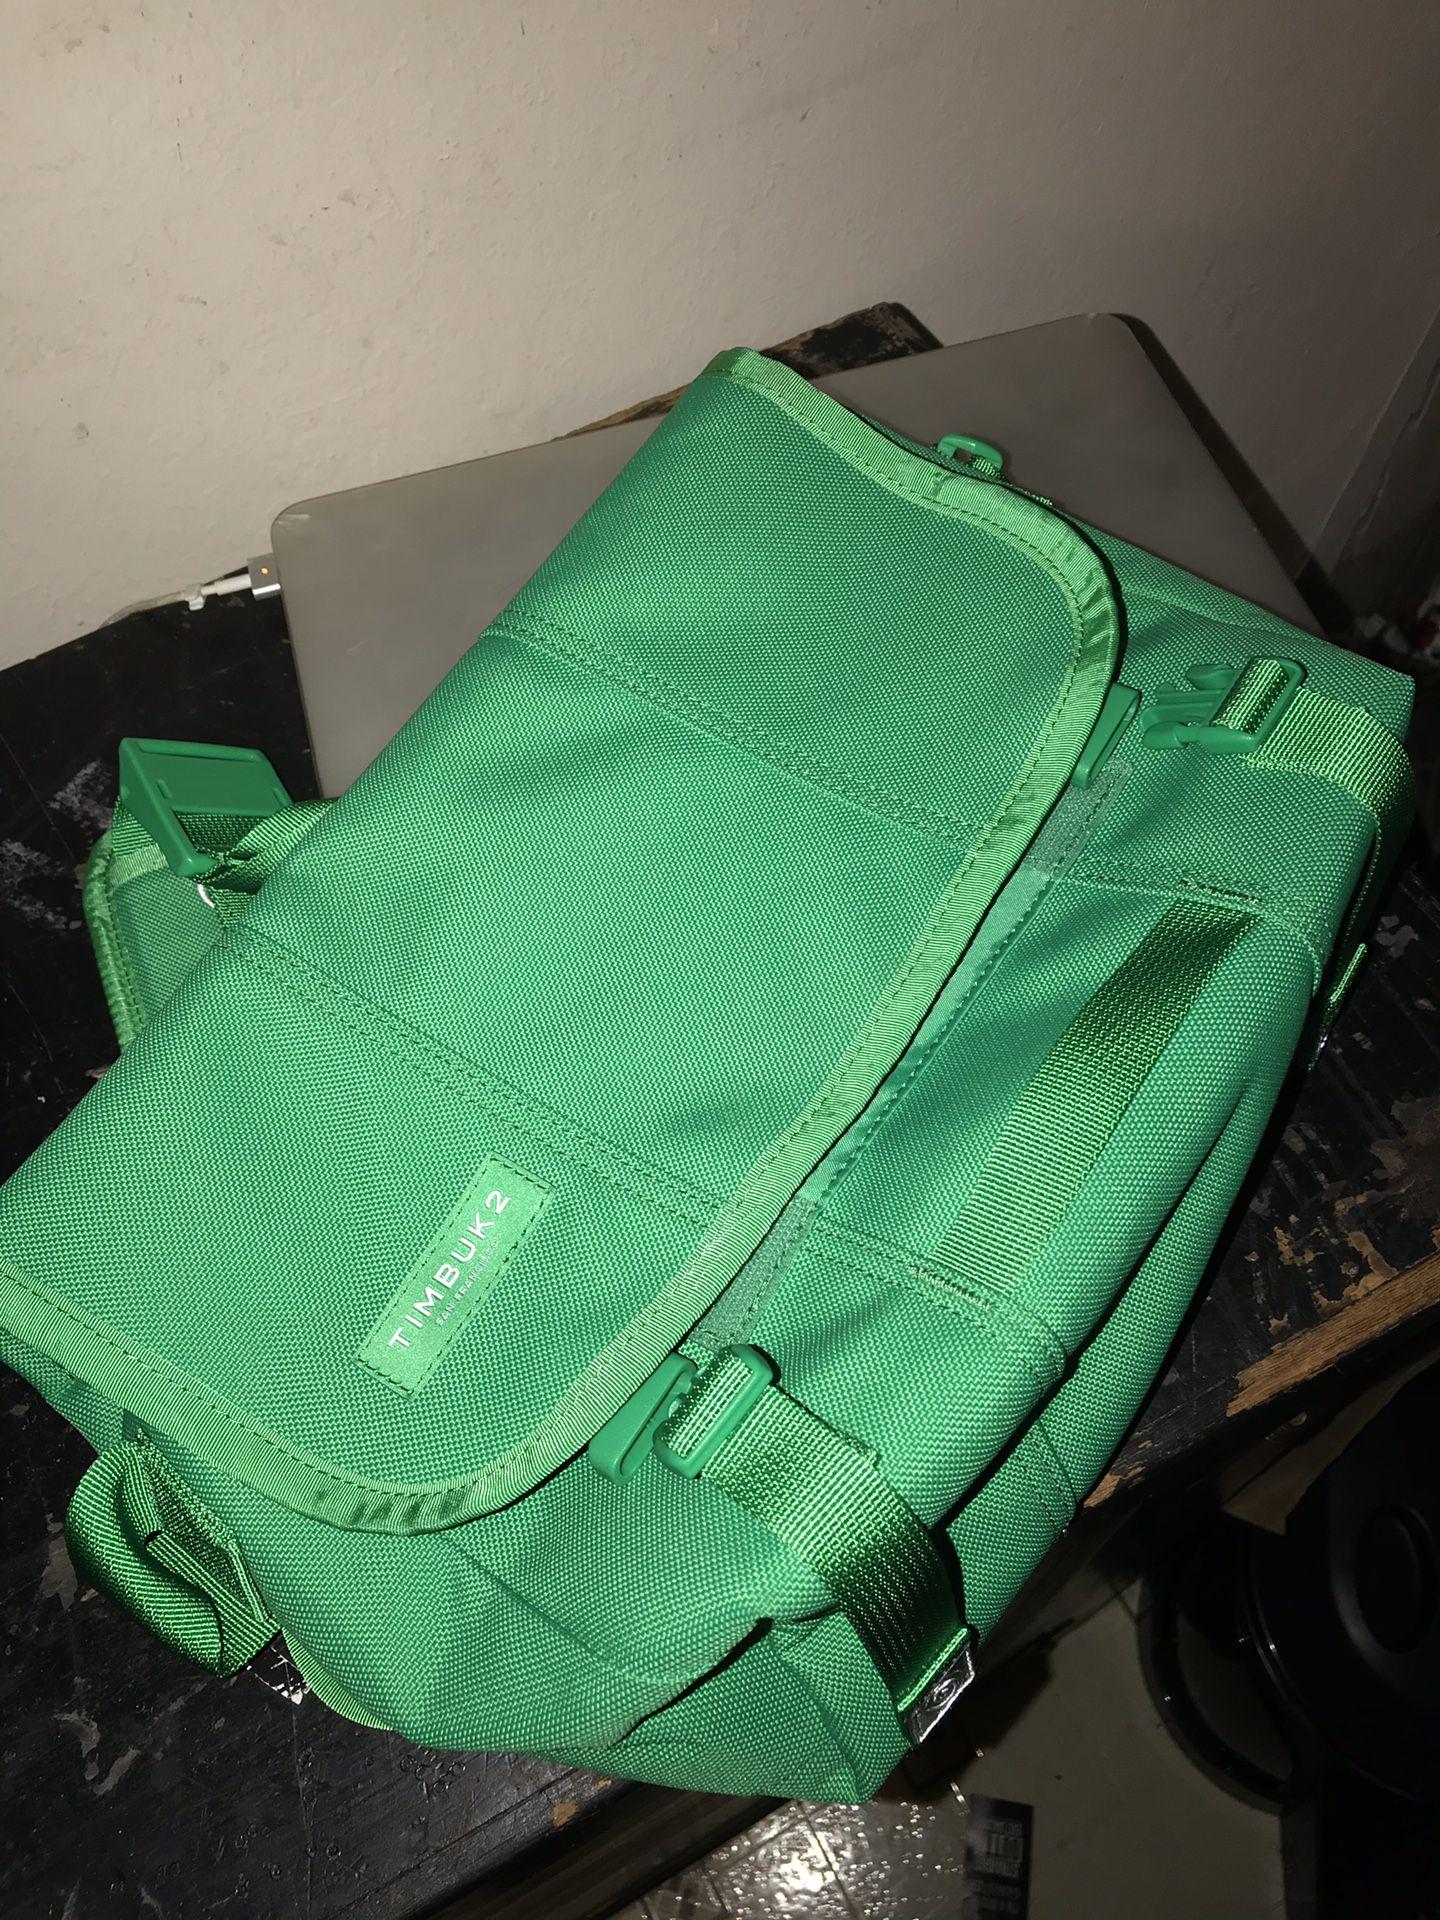 Timbuk2 small messenger bag